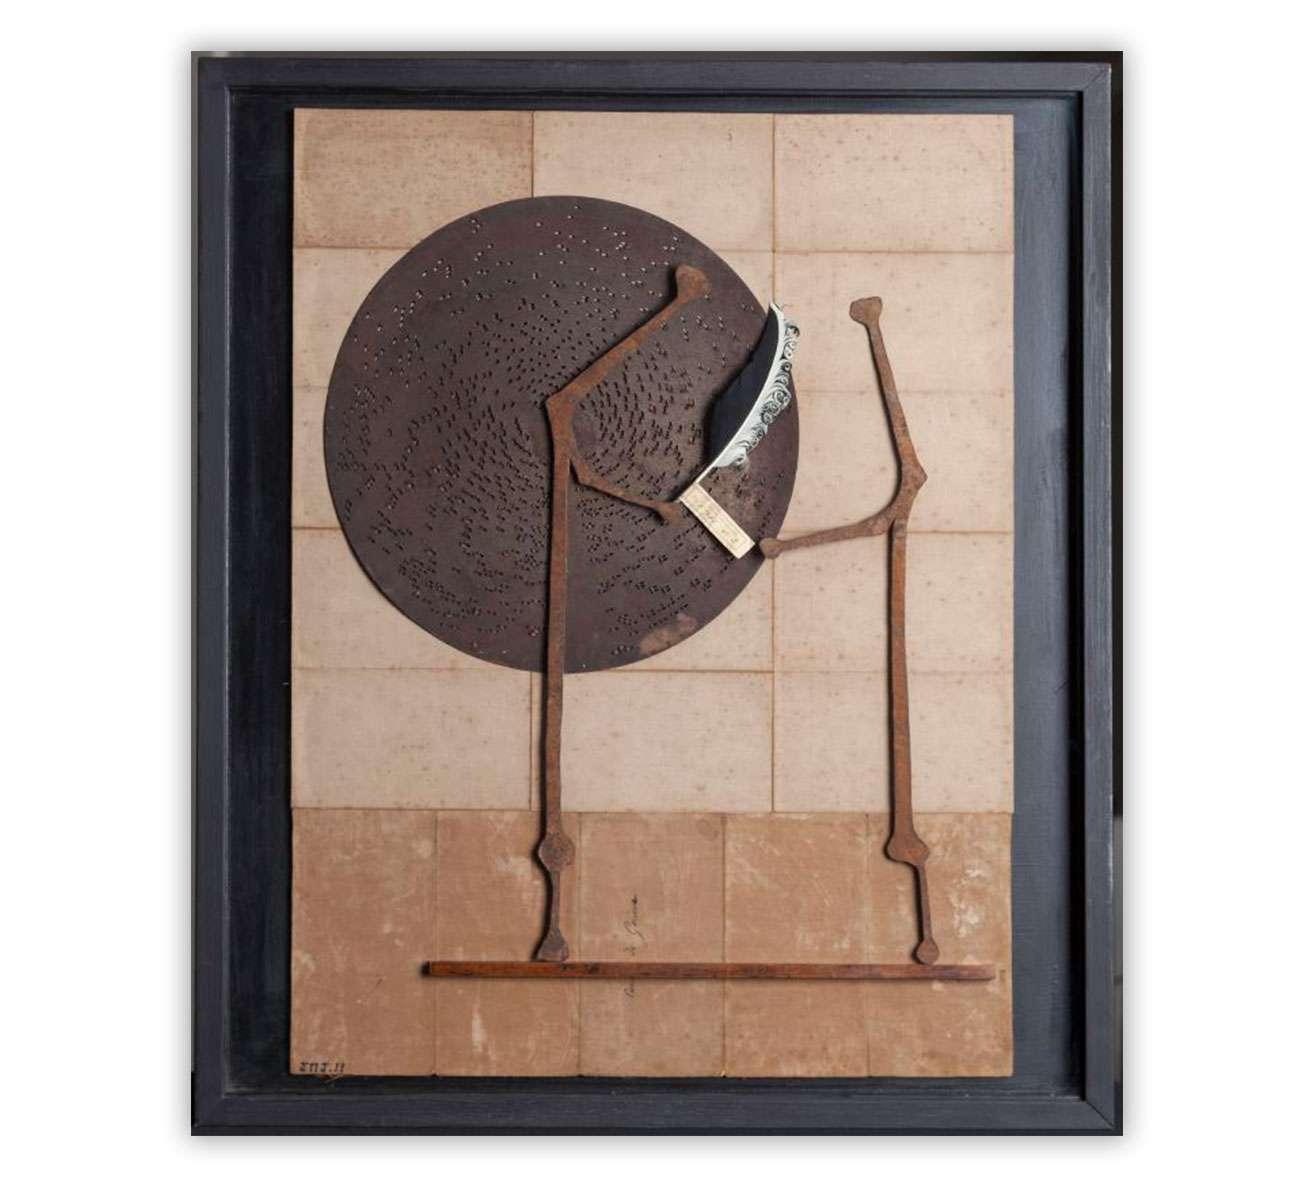 La-reconciliation-2011-74cm-x-64cm-x4cm-B